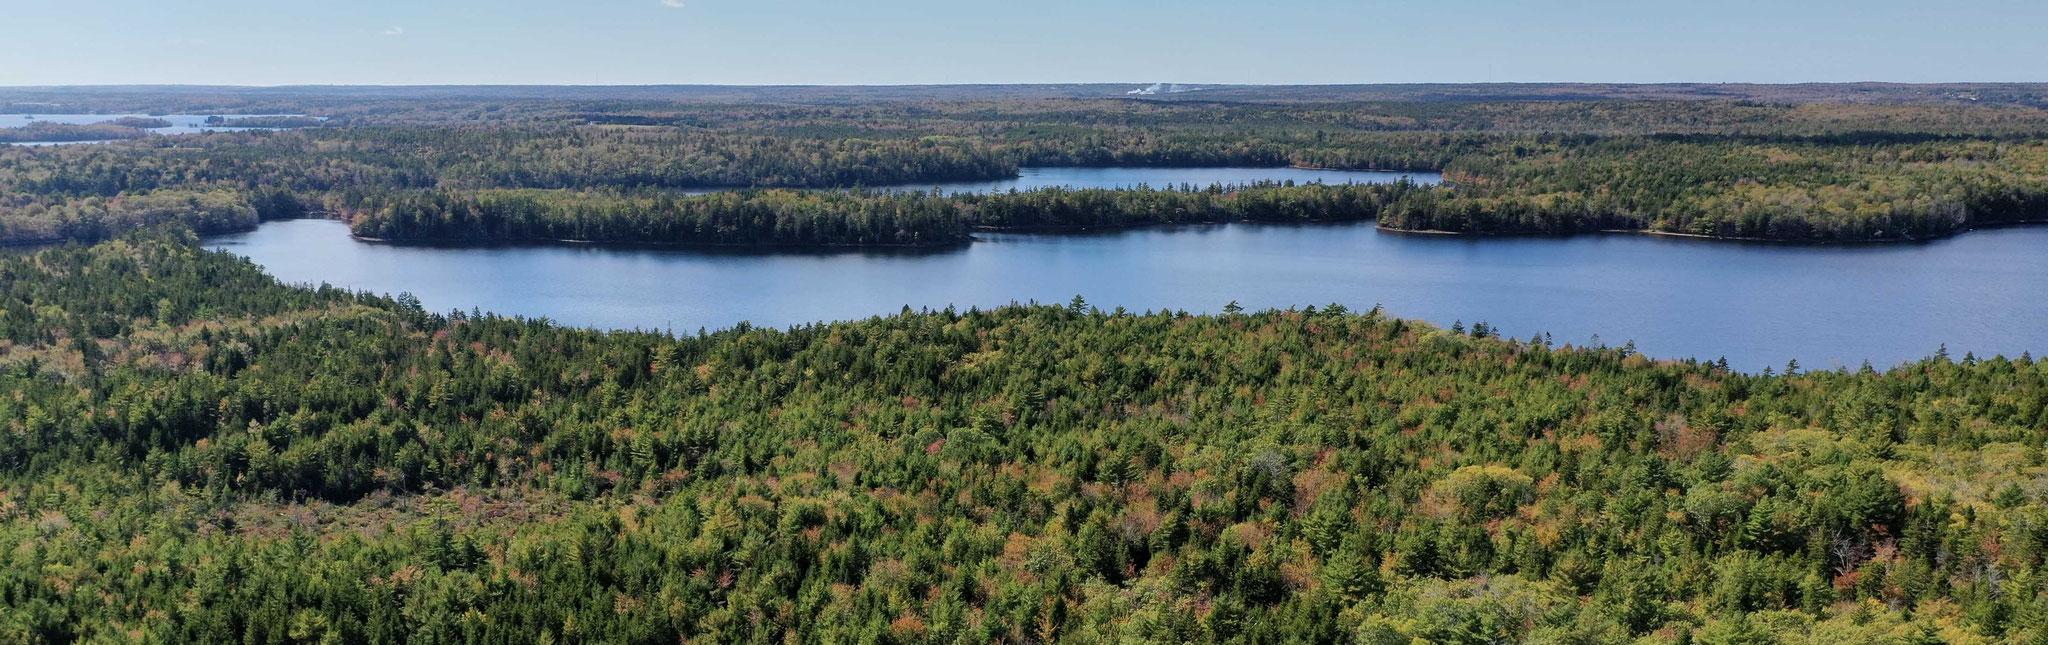 title:Yarmouth Forest,title2:Wald mit Ufer,provinz:Nova Scotia,bezirk:Yarmouth,art:Mischwald,flaeche:316 ha,ufer:1.425 Meter,preis:auf Anfrage